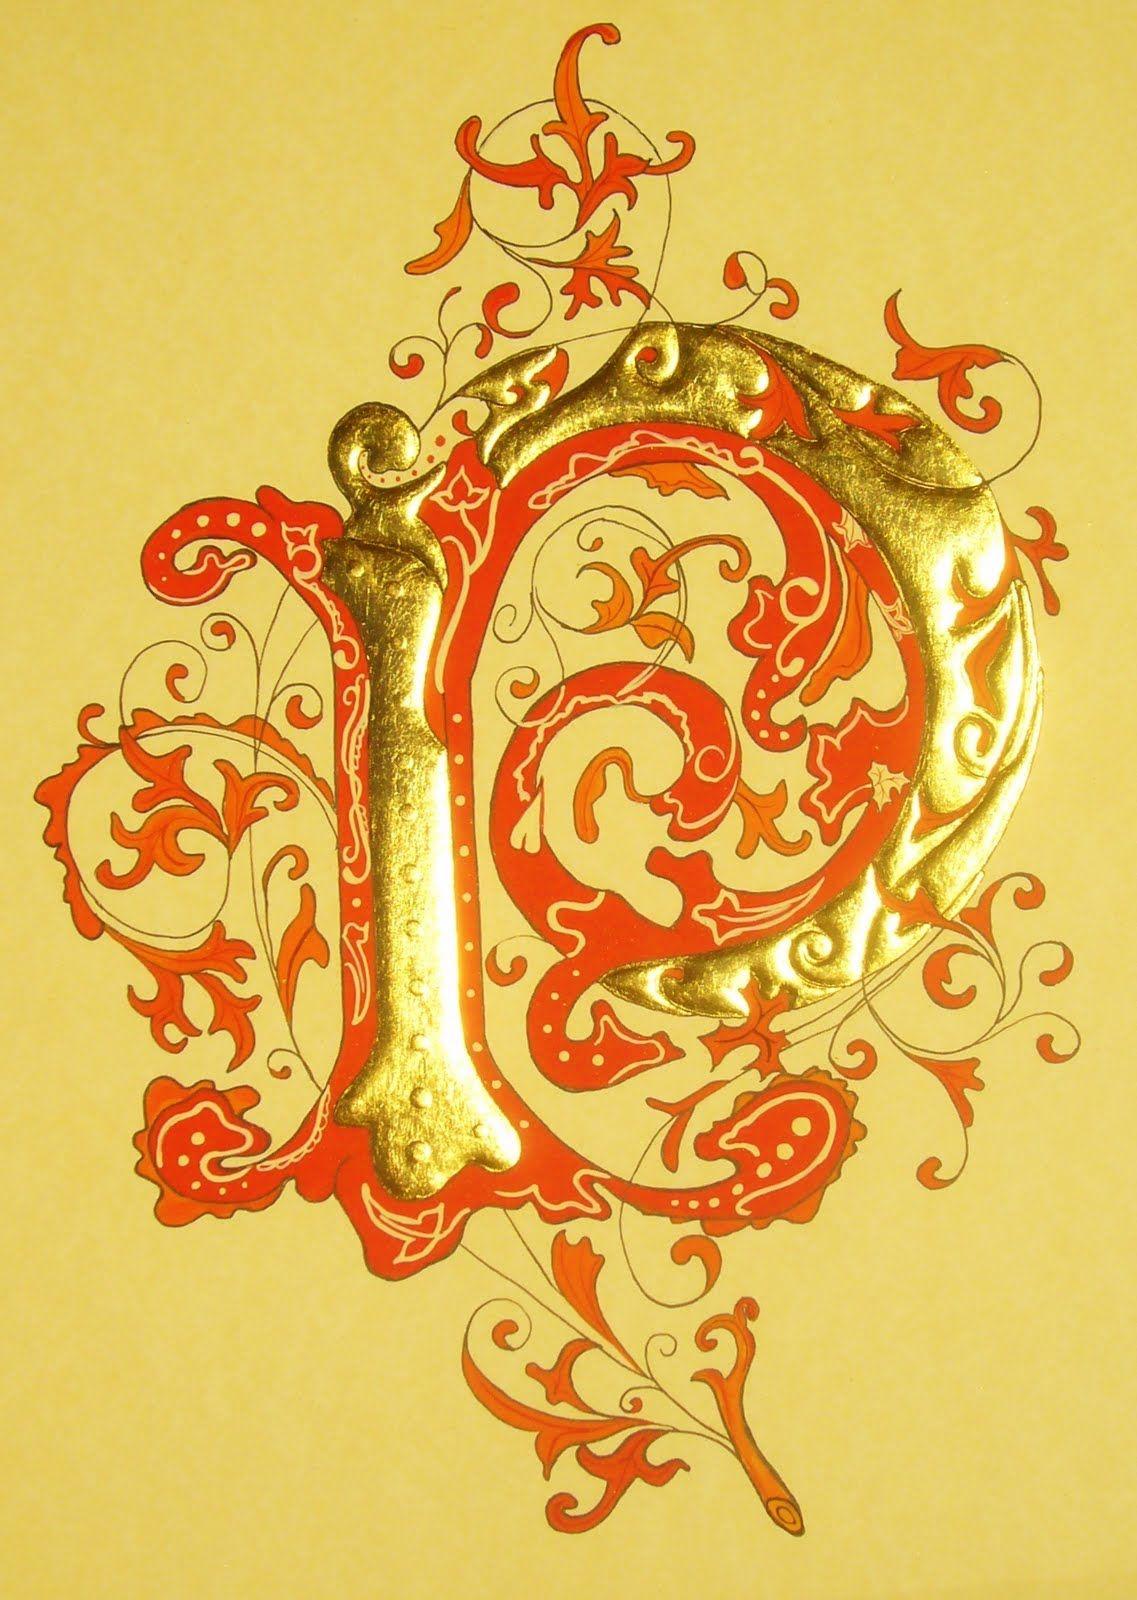 Enluminures par Mona Dalbec: '' P '' à feuilles rouges